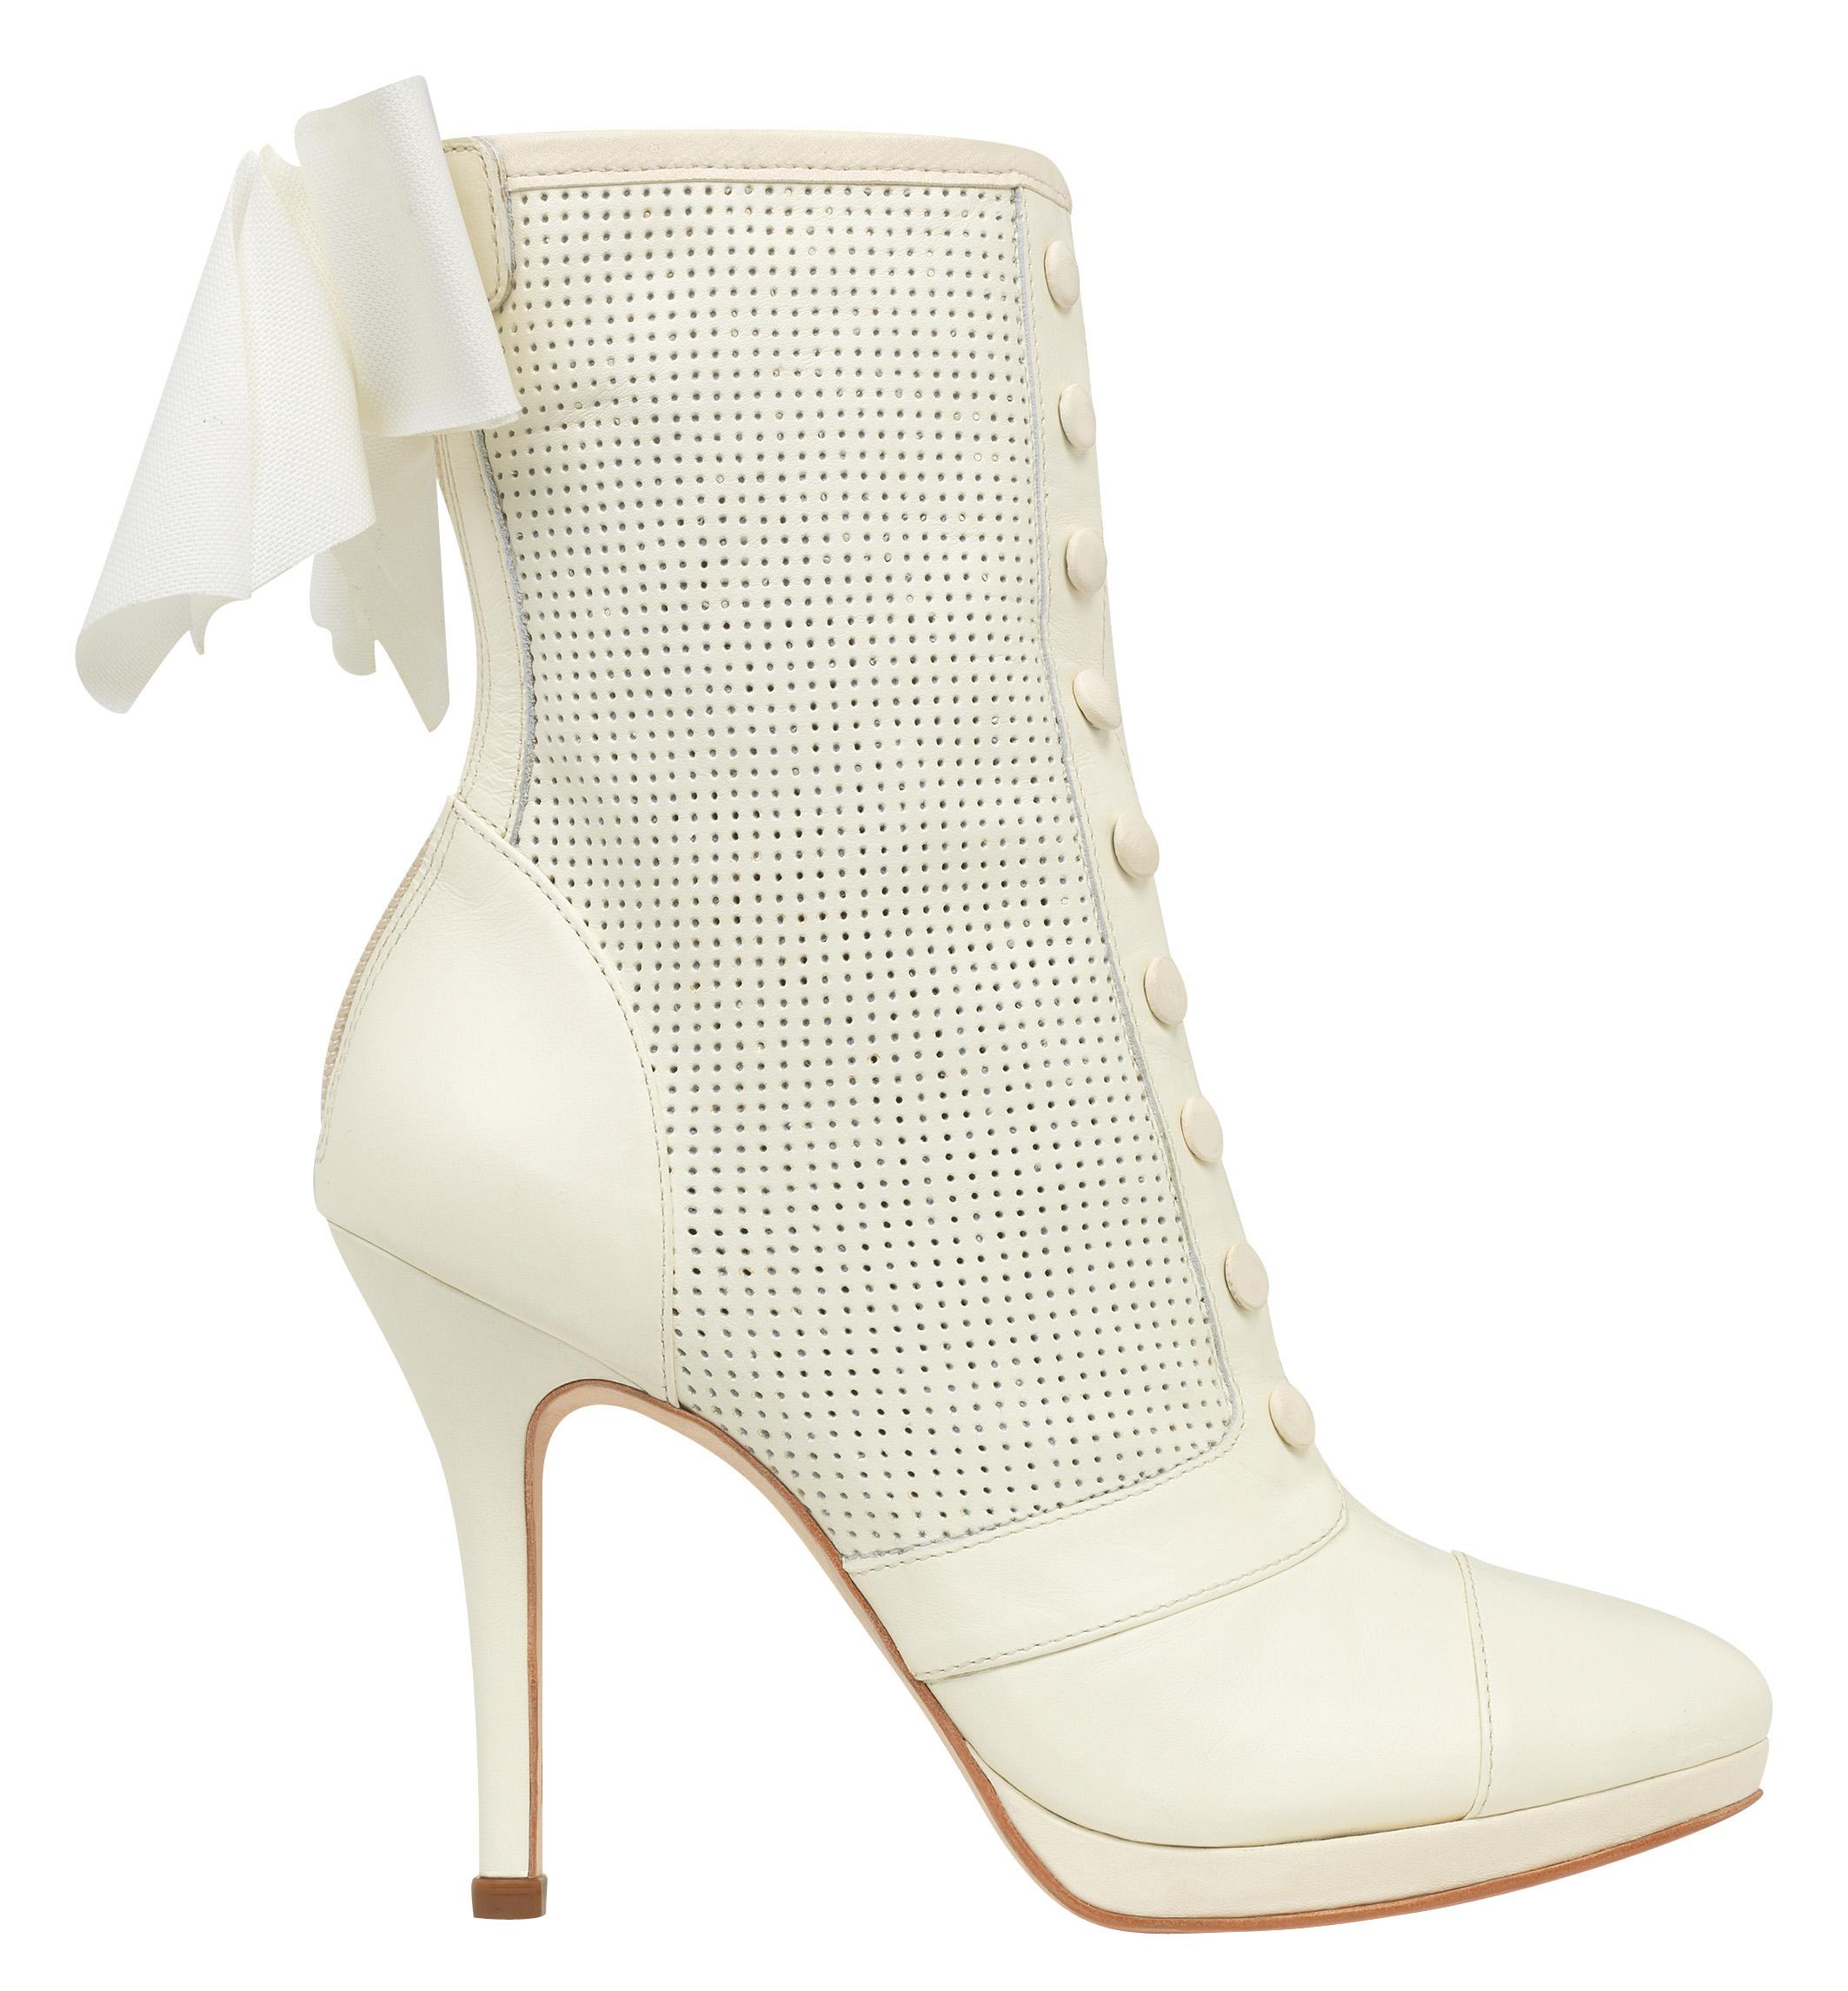 chaussures de mariage delphine manivet pour cosmo paris. Black Bedroom Furniture Sets. Home Design Ideas